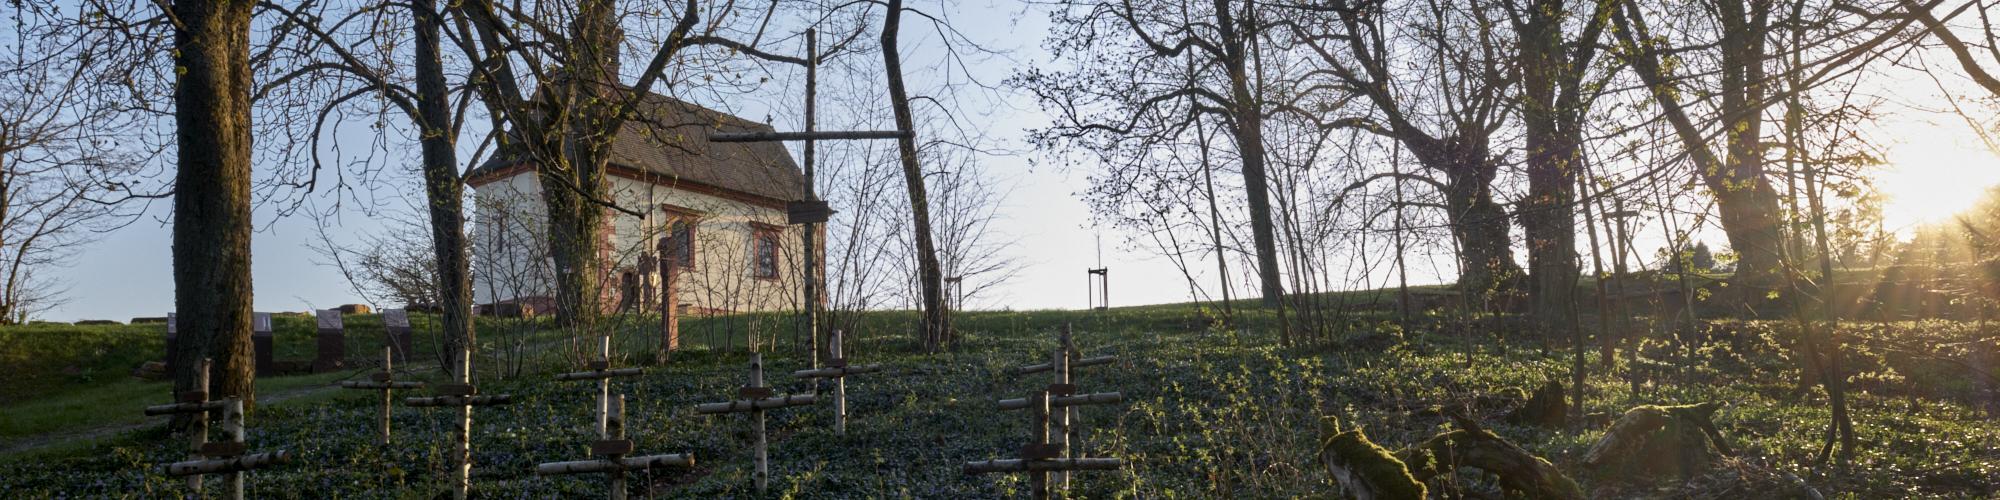 Michaelskapelle 2